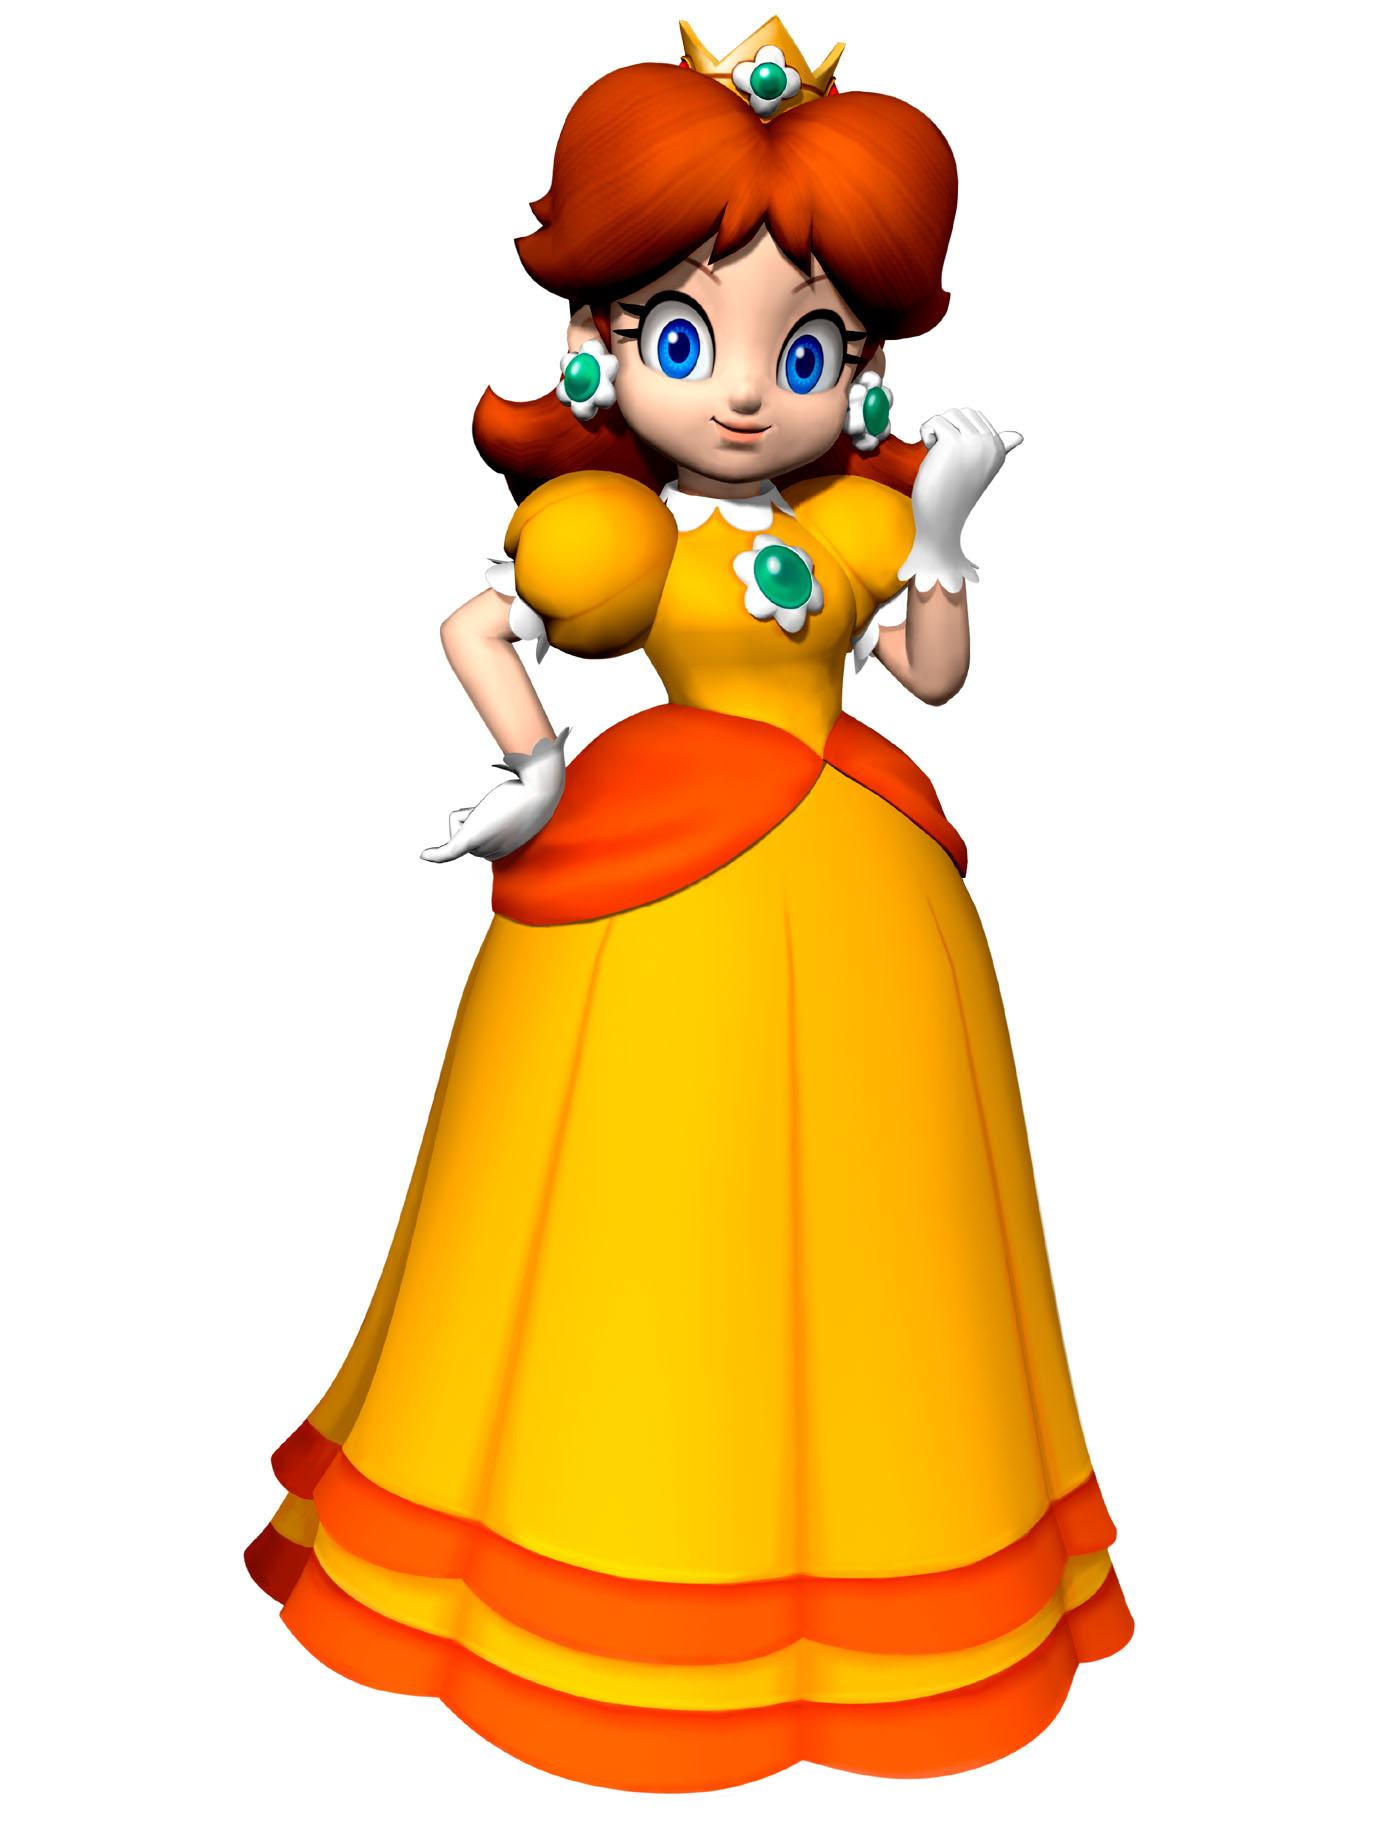 Prinzessin rosalina videospiele bilder üppig foto 1